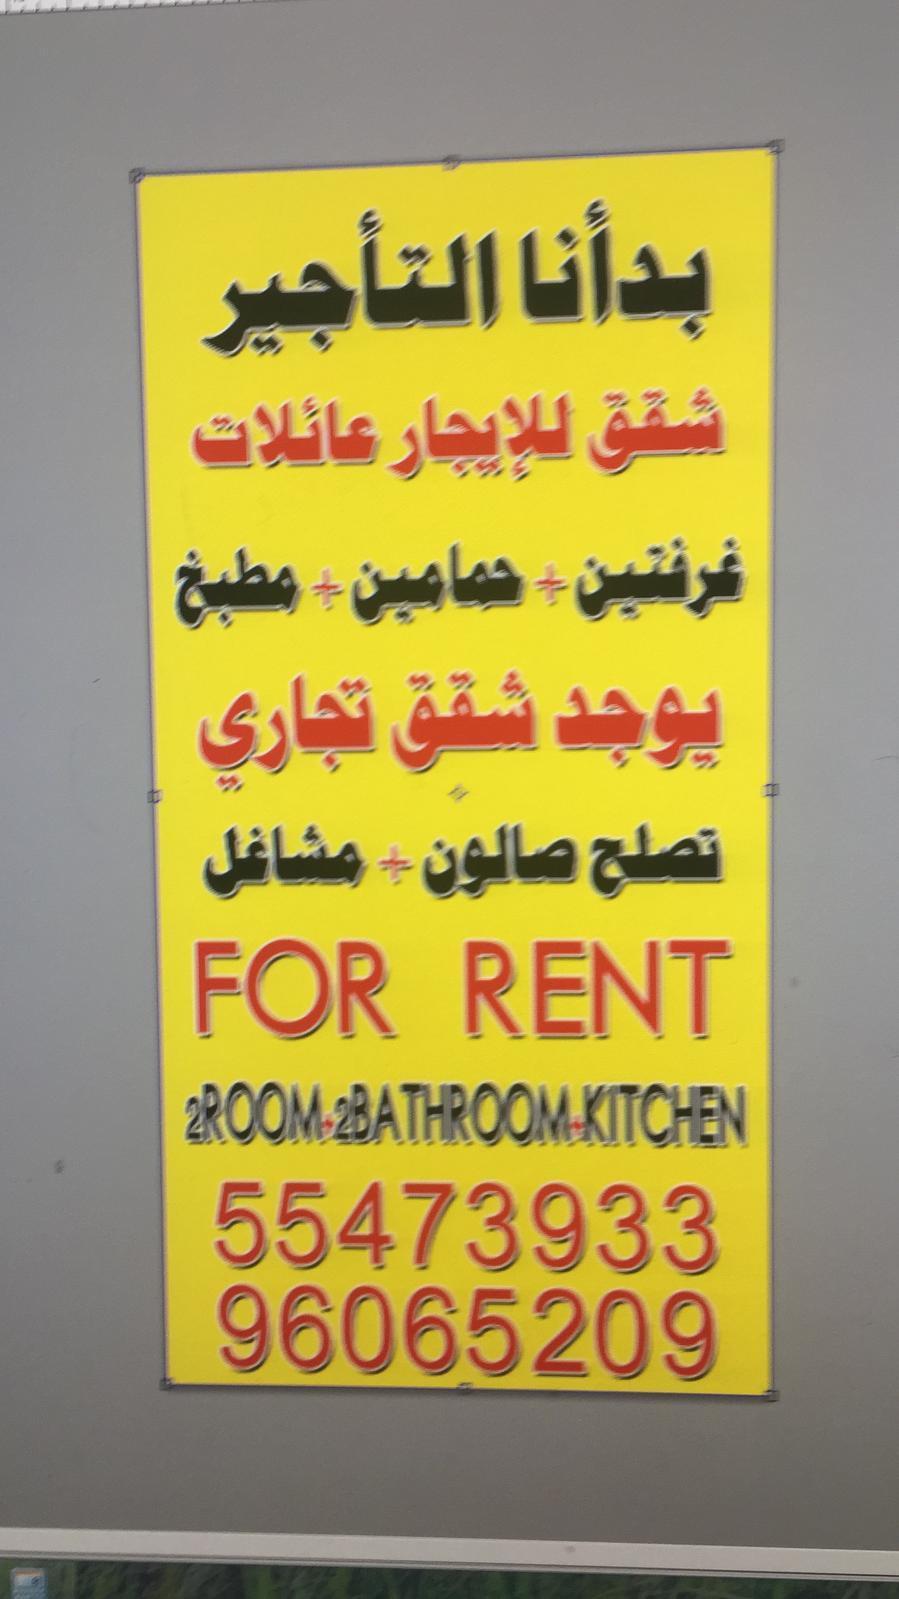 محلات للايجار في الكويت